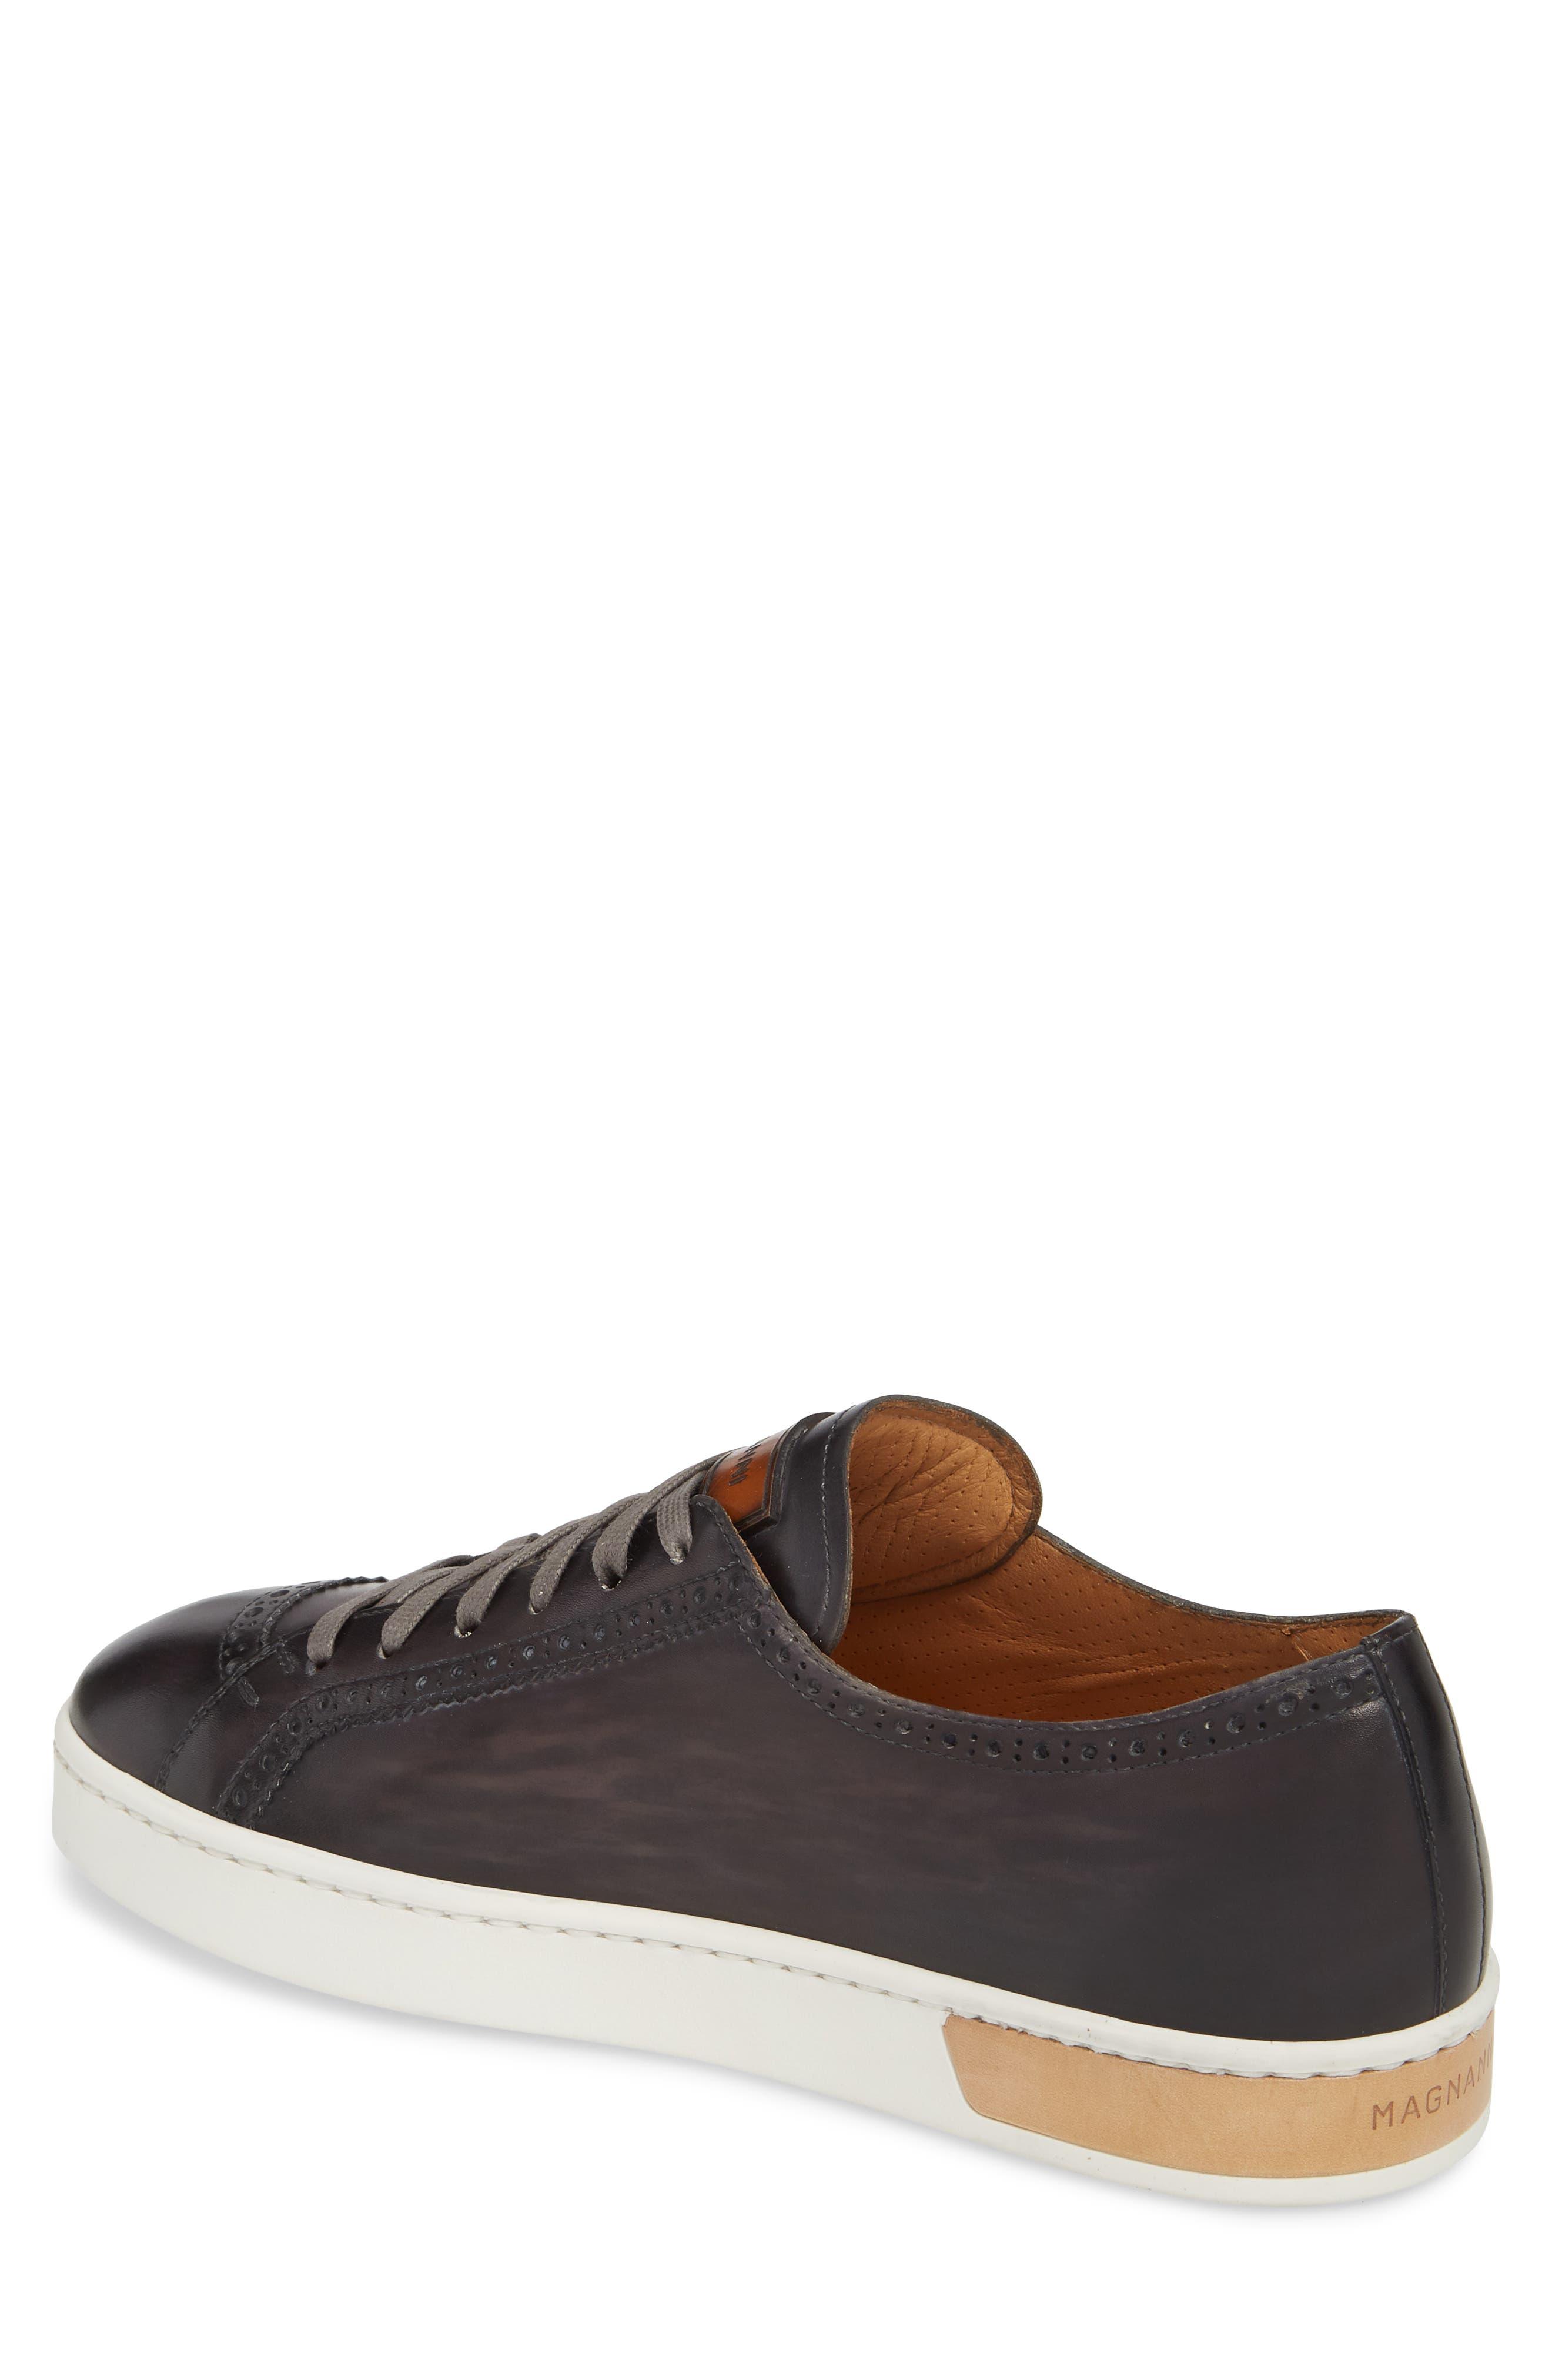 MAGNANNI,                             Juniper Brogued Low Top Sneaker,                             Alternate thumbnail 2, color,                             020